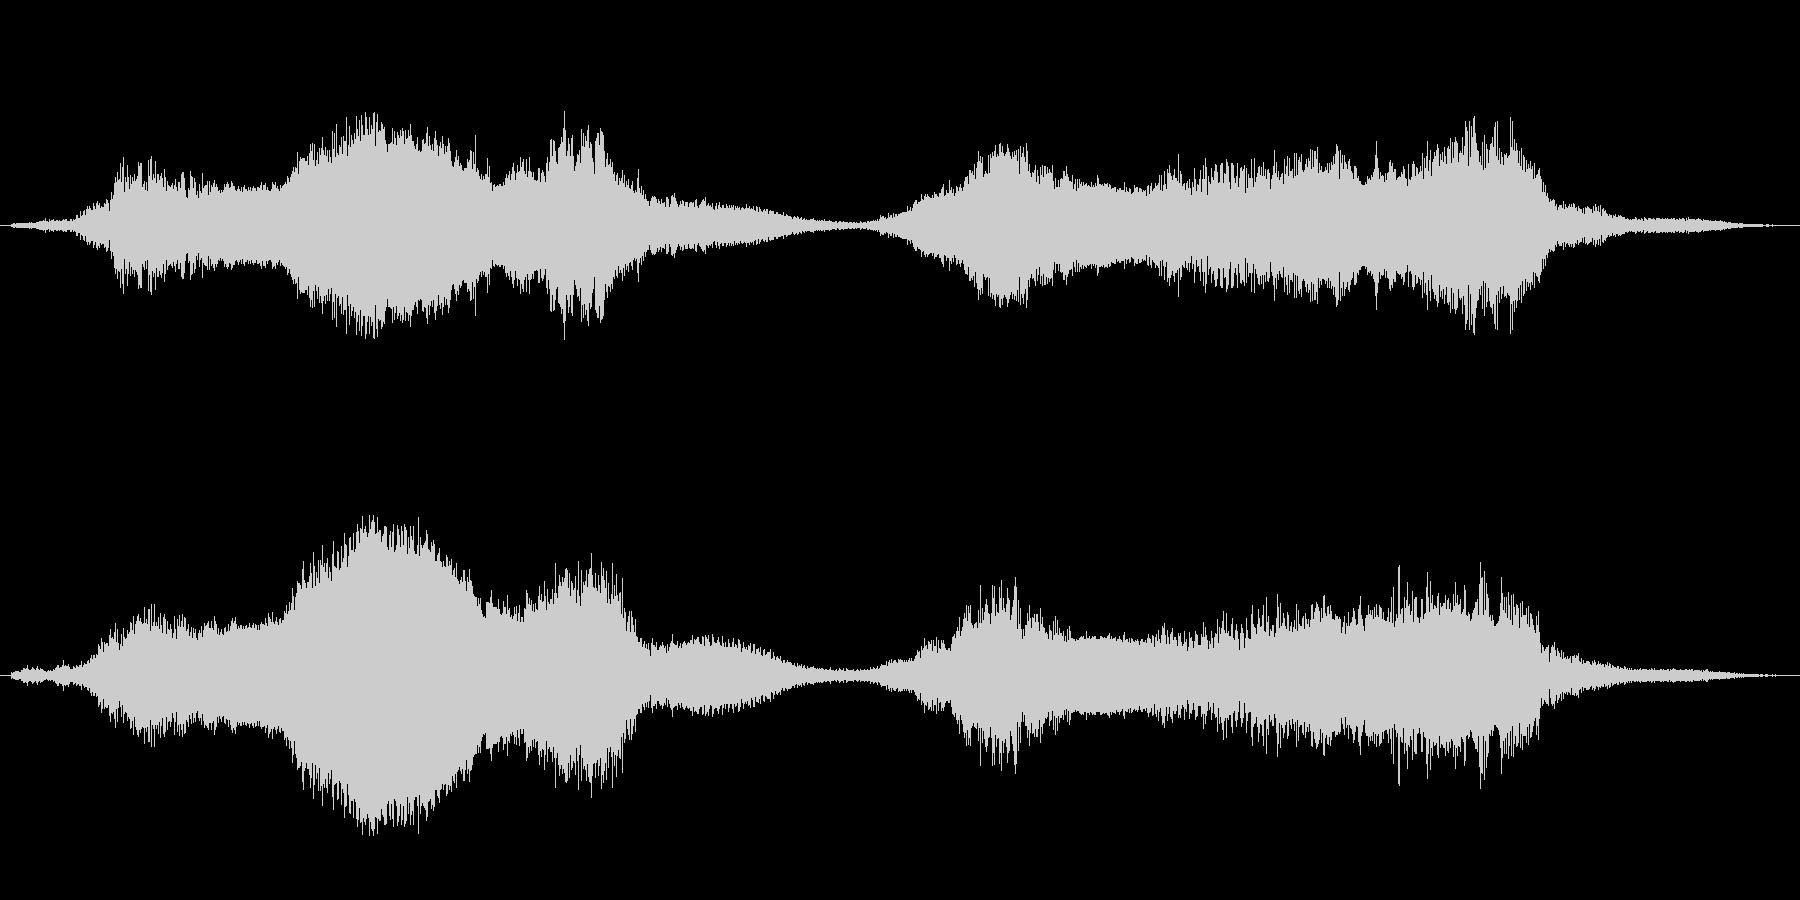 水底・下水・川底のイメージ音 ループ可の未再生の波形